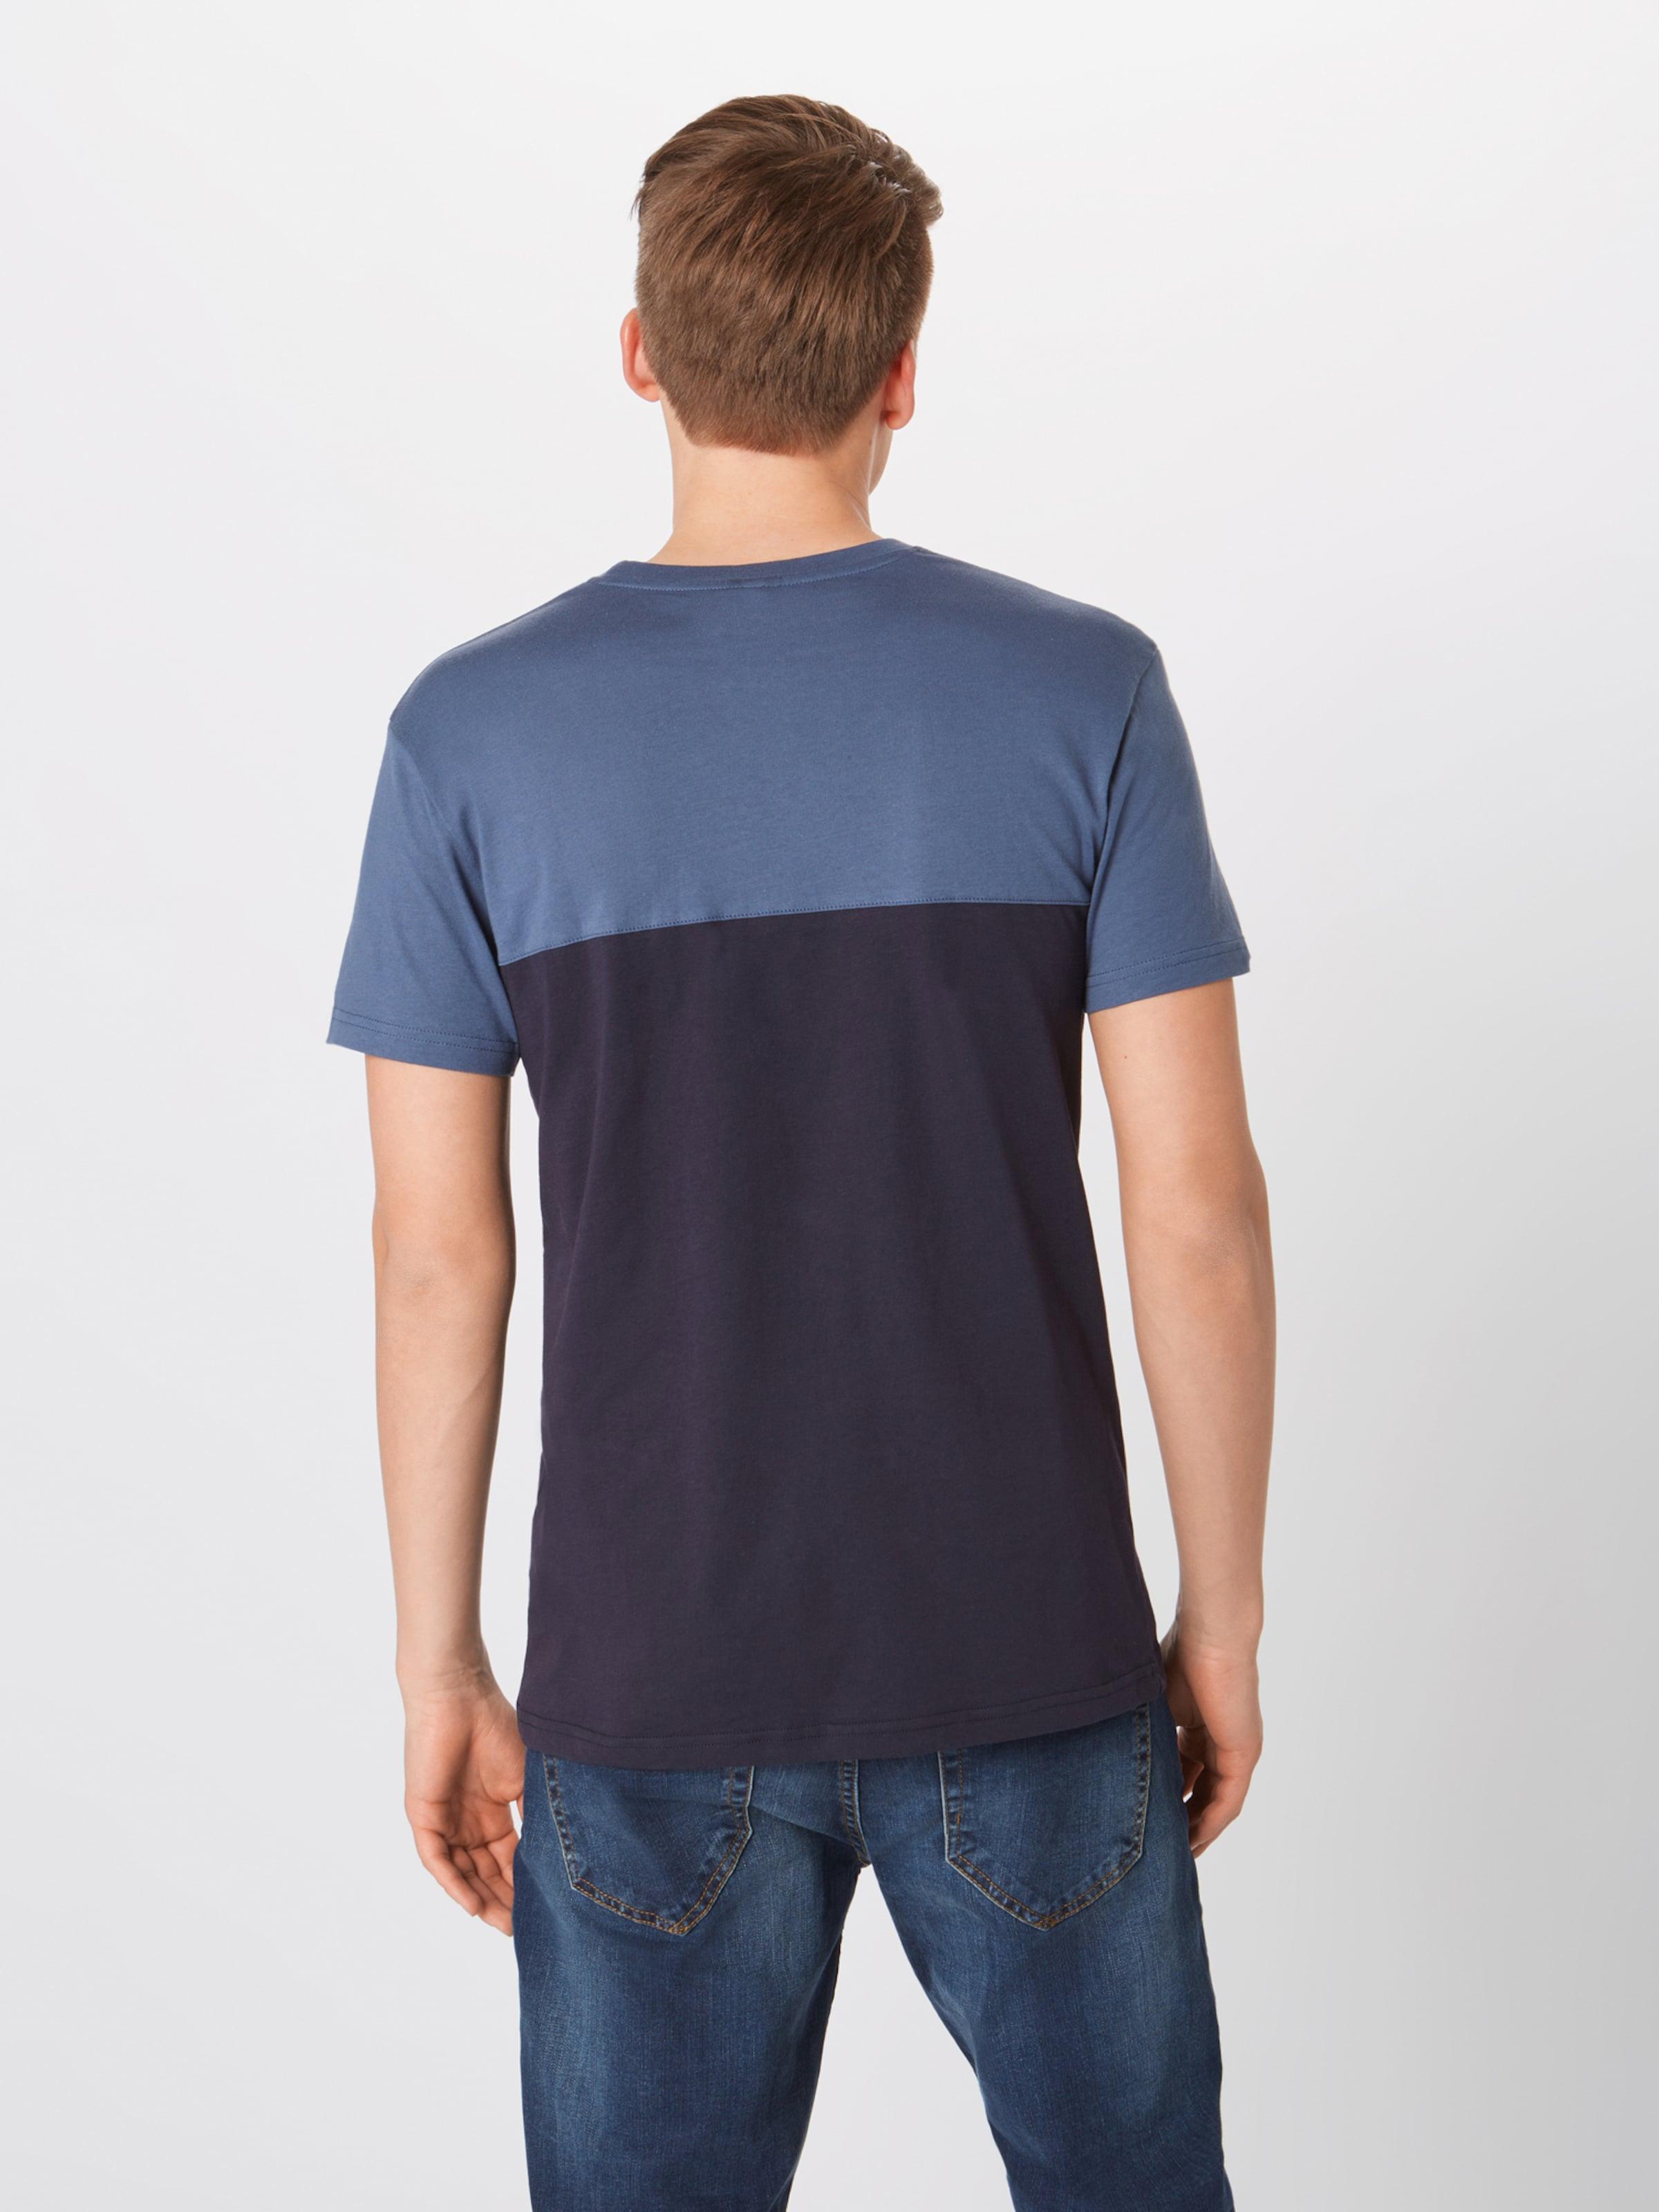 Iriedaily In shirt Mit Brusttasche T BlauHimmelblau TcJF1lK